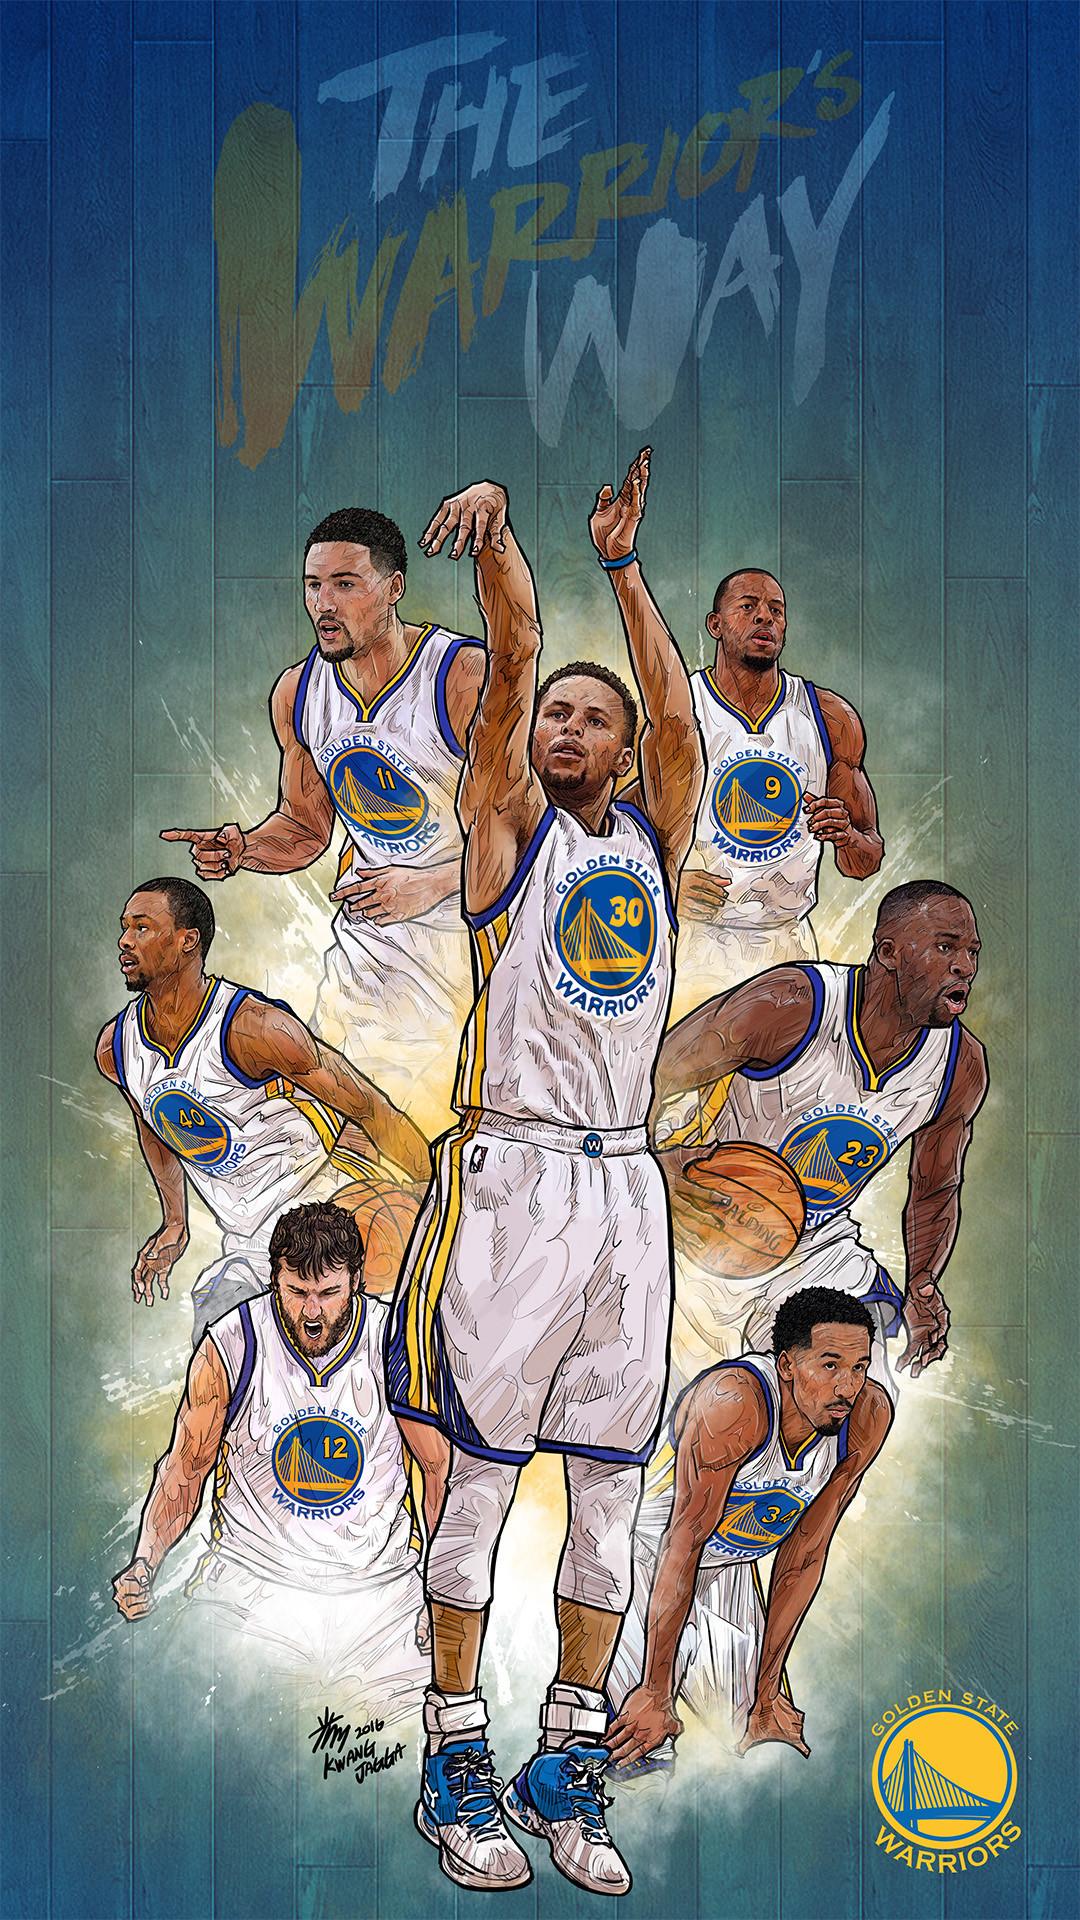 Plain Basket, NBA Wallpaper #4235814   Wallpaper HD   Pinterest   Nba  wallpapers and Wallpaper